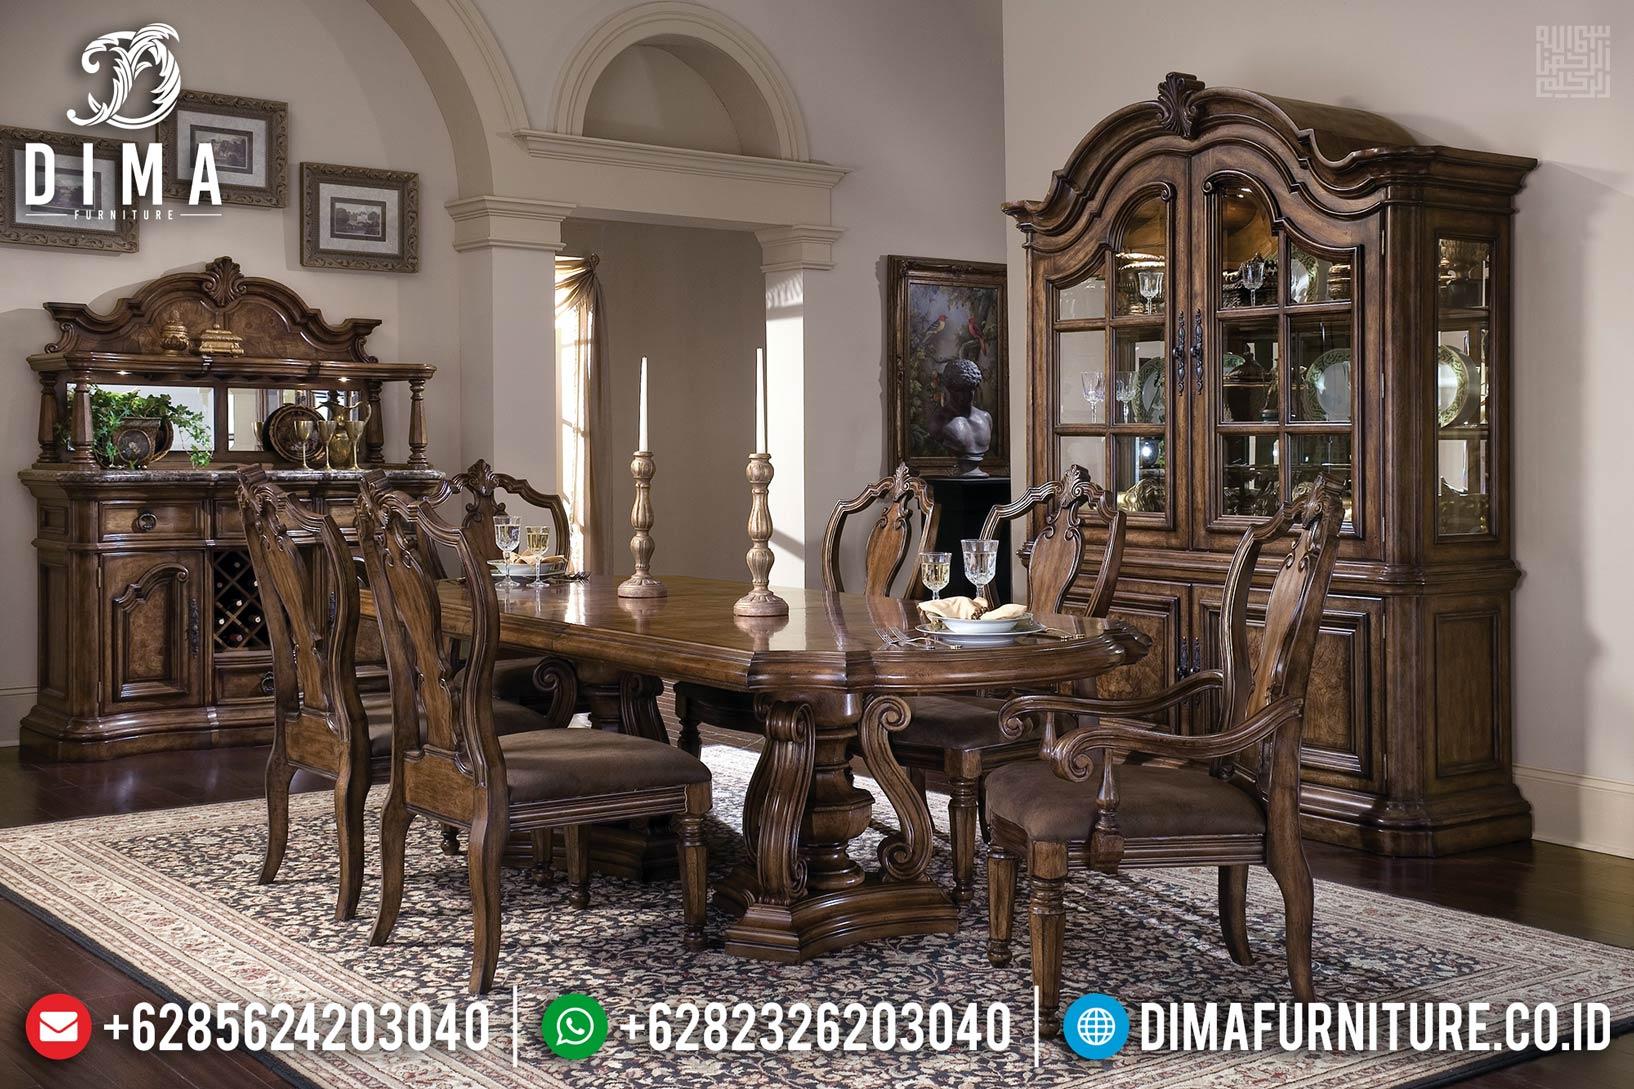 New Sale! Meja Makan Jati Furniture Jepara Natural PU DF-1185